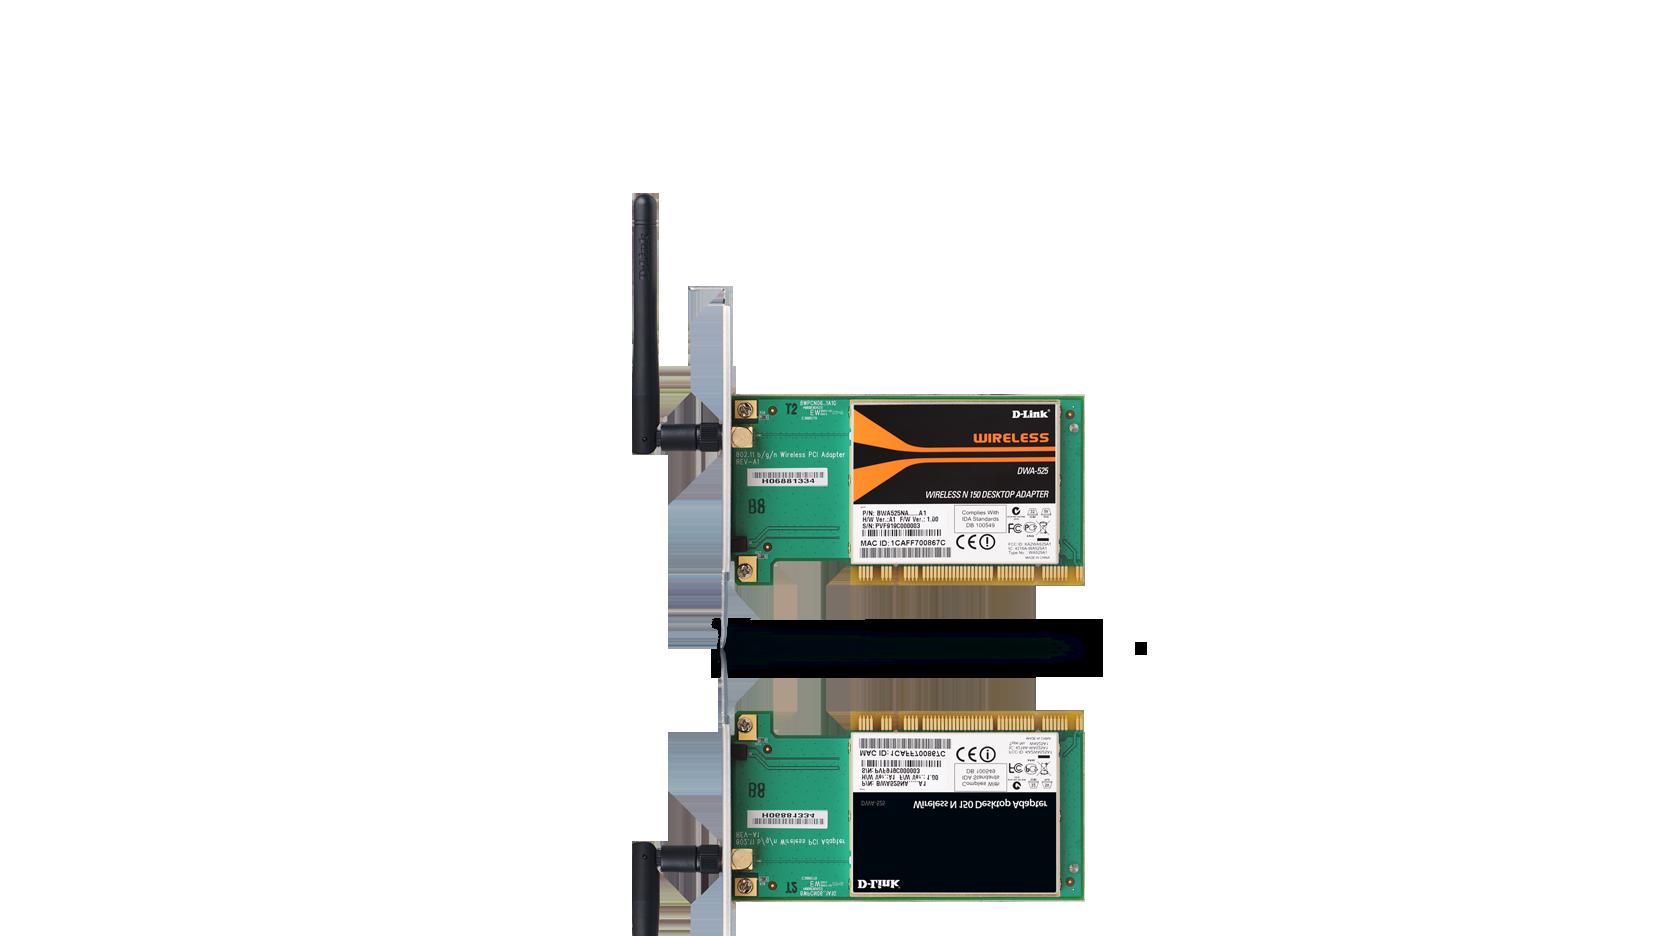 Dwa 525 adaptateur sans fil wireless n 150 pci pour ordinateur de bureau d link france - Ordinateur de bureau en wifi ...